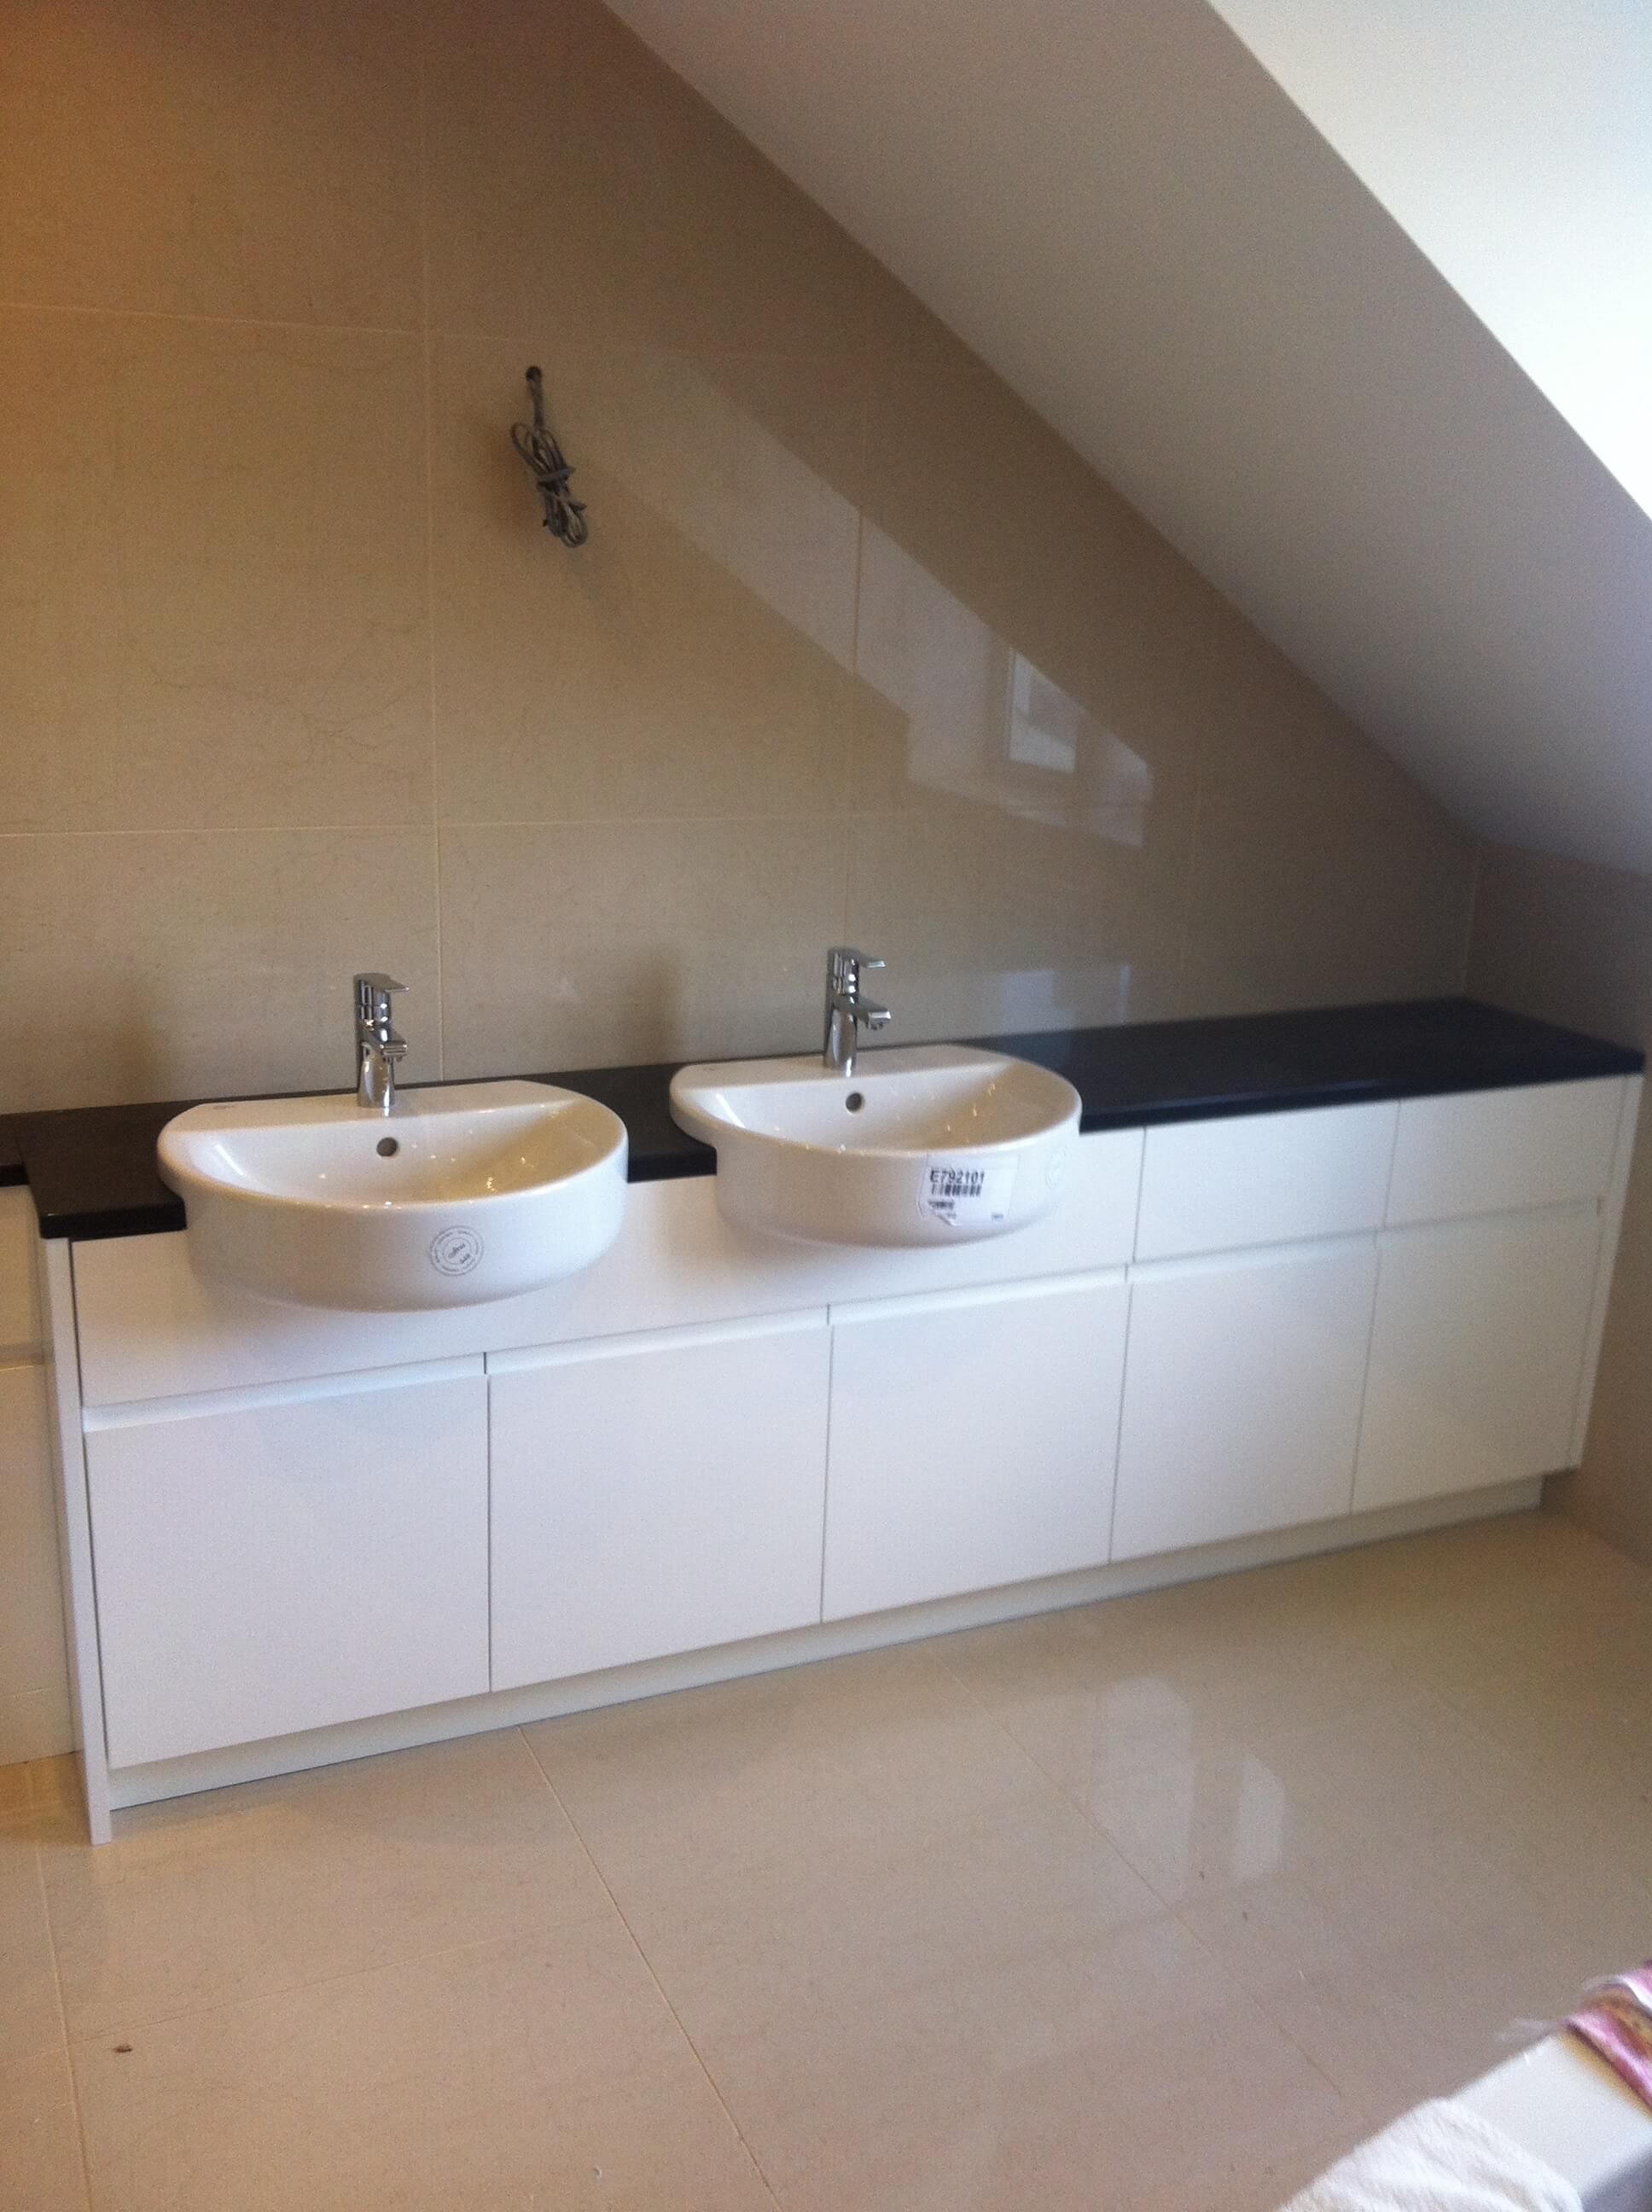 Finished vanity sinks for Mr & Mrs D of Barnstaple